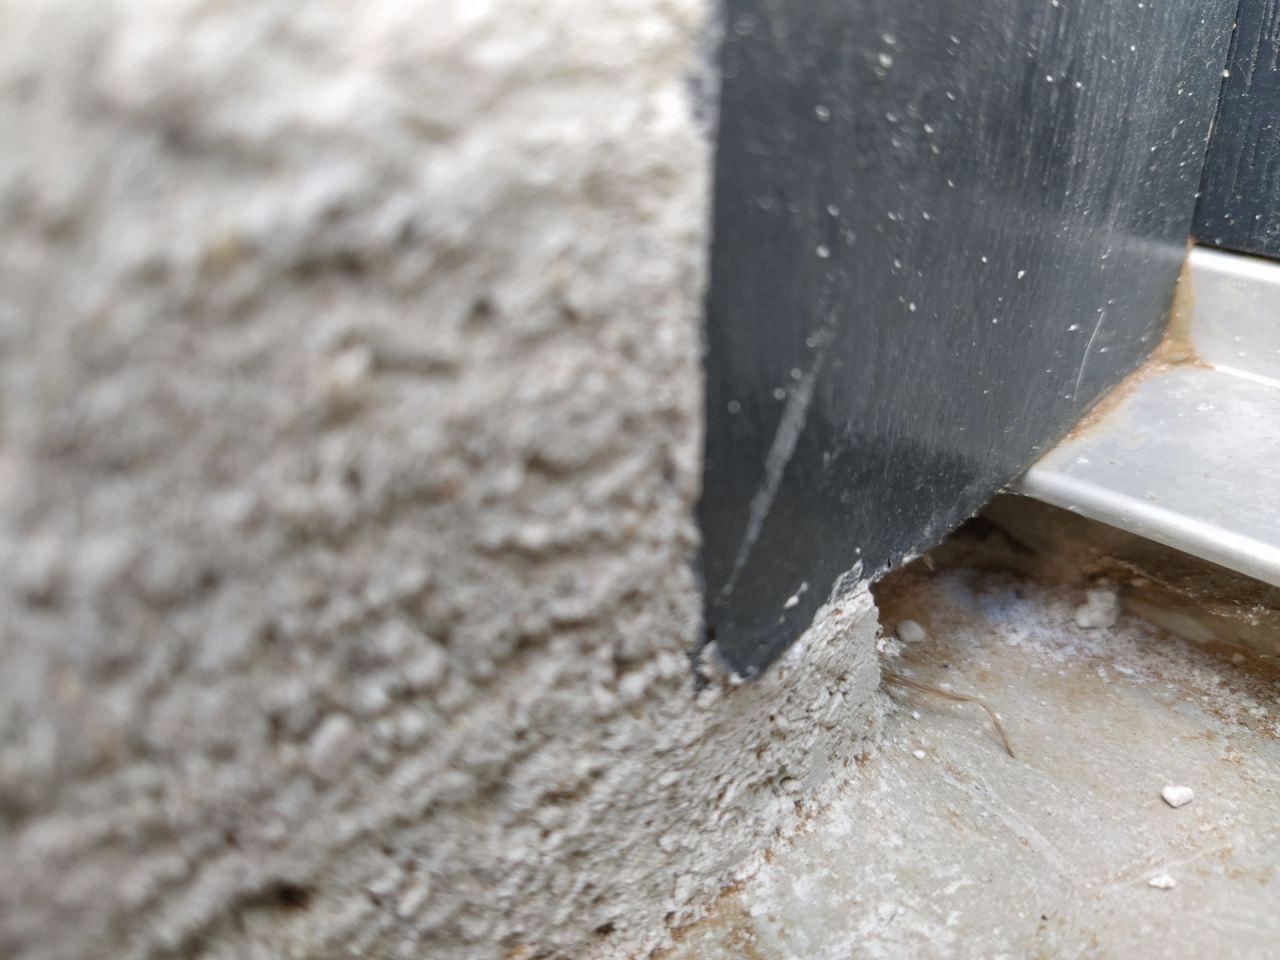 Partie basse de la porte d'entrée côté extérieur : Petit trou entre le seuil en alu et la partie inférieure en béton. La finition laisse à désirer.